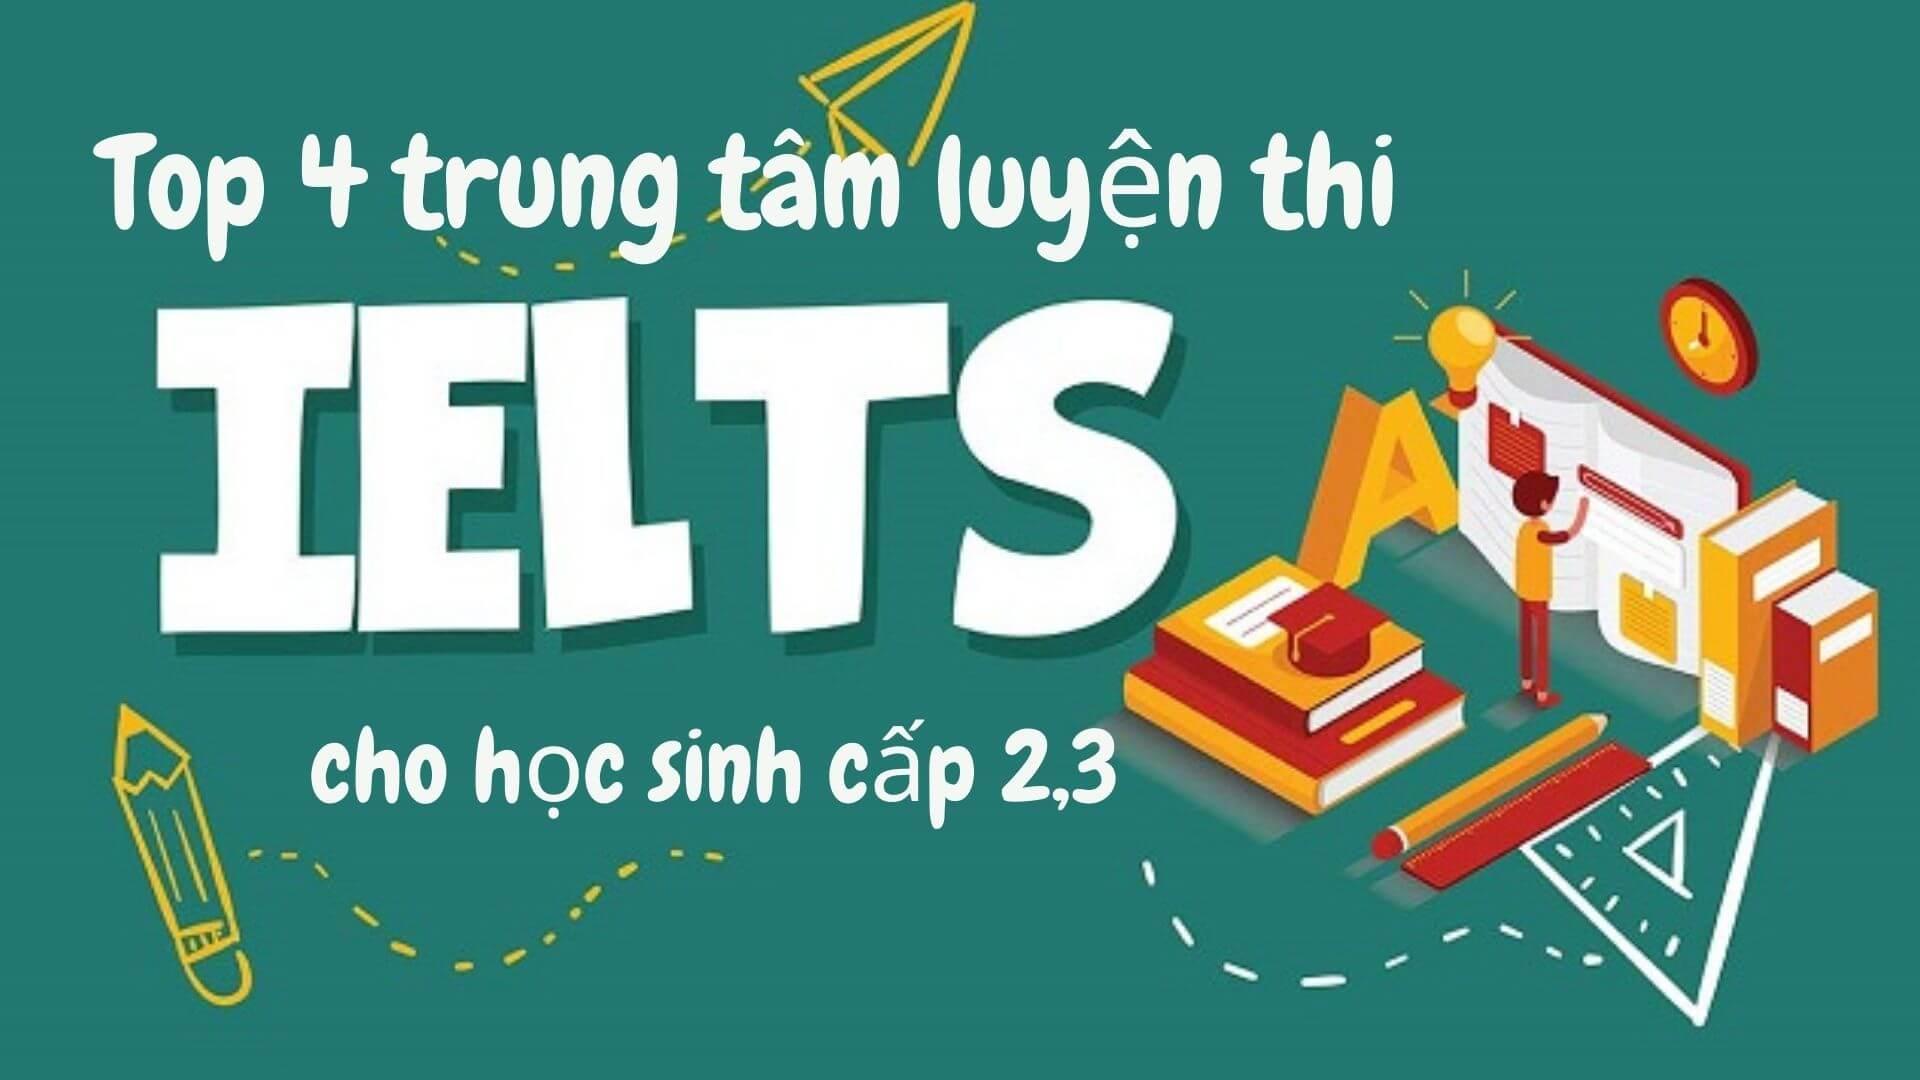 Top các trung tâm luyên thi IELTS cho học sinh cấp 2,3.